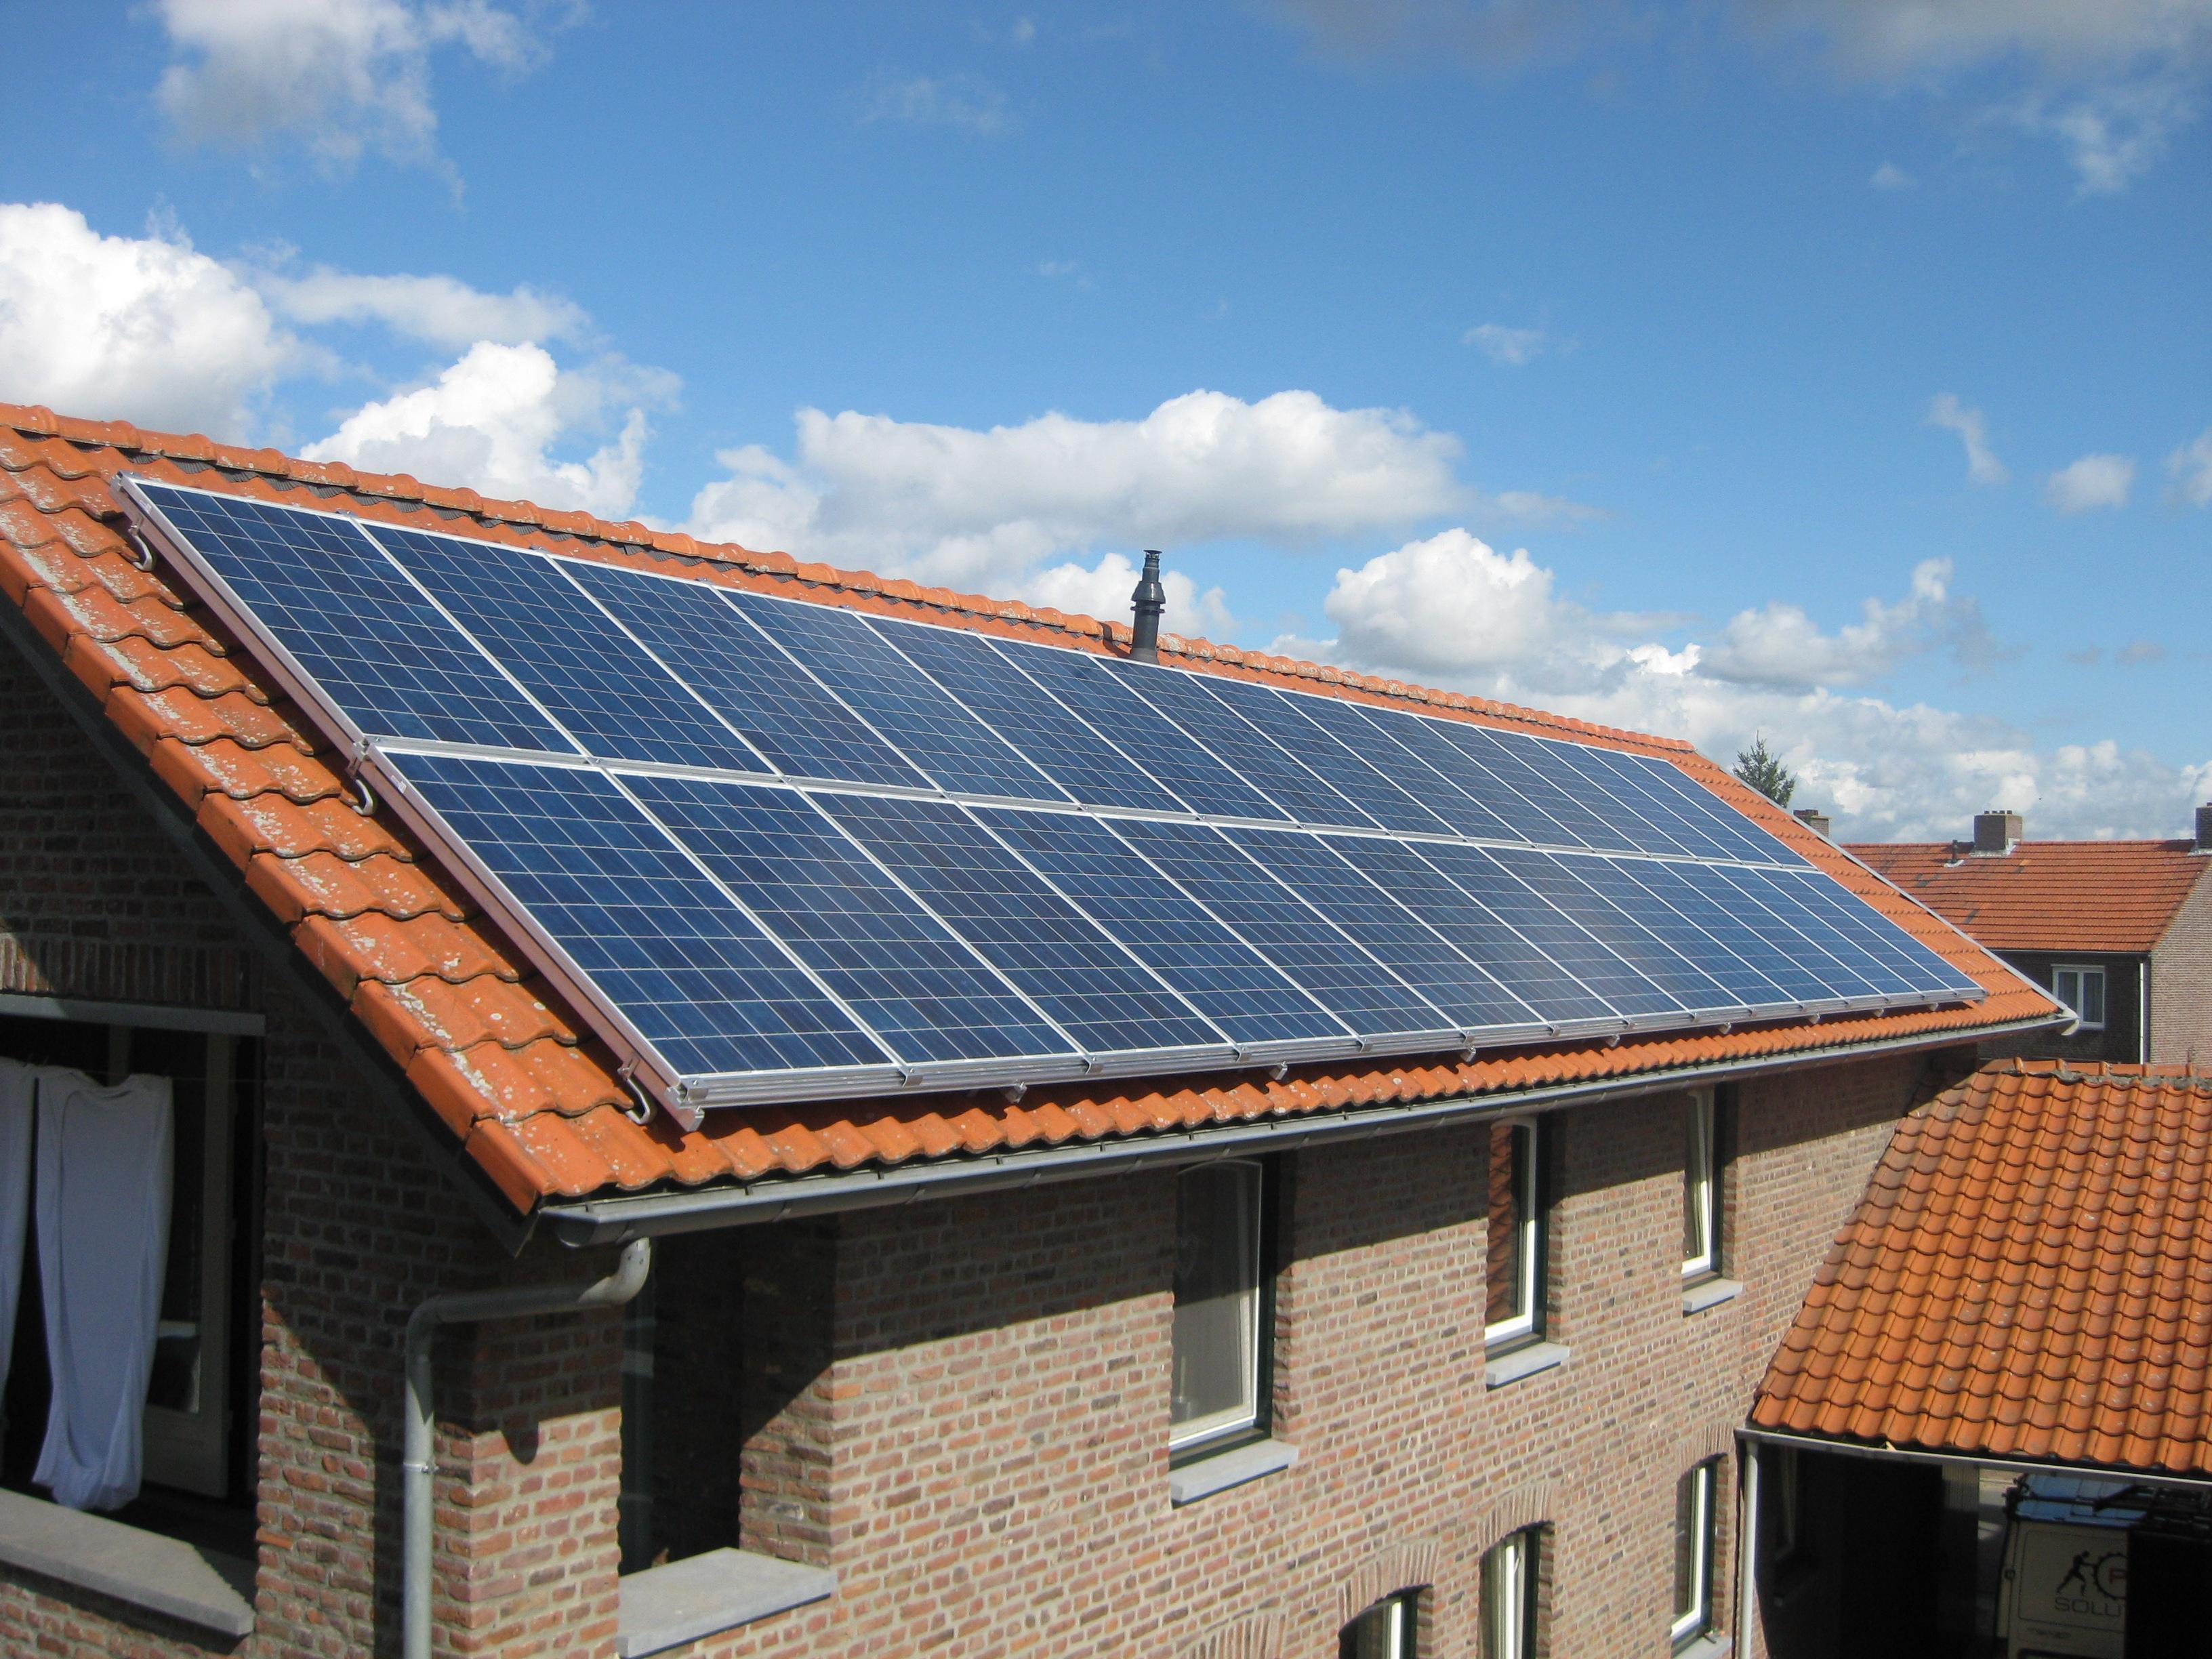 A kwaliteit duitse zonnepanelen voor thuis nu tot 30 jaar garantie - Van schaduw dak ...